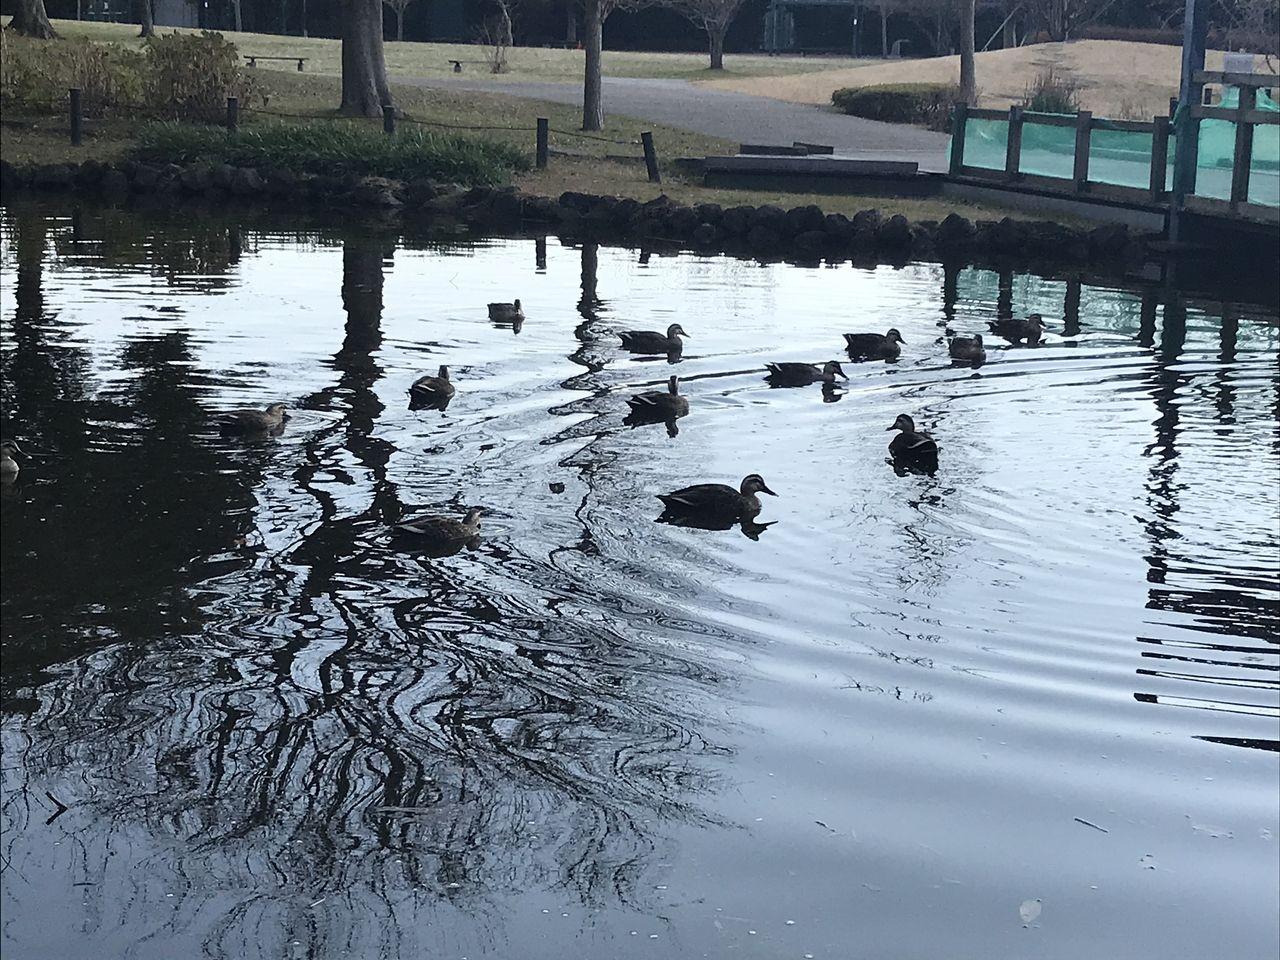 行徳のいこいの広場の鴨池で泳ぐ鴨